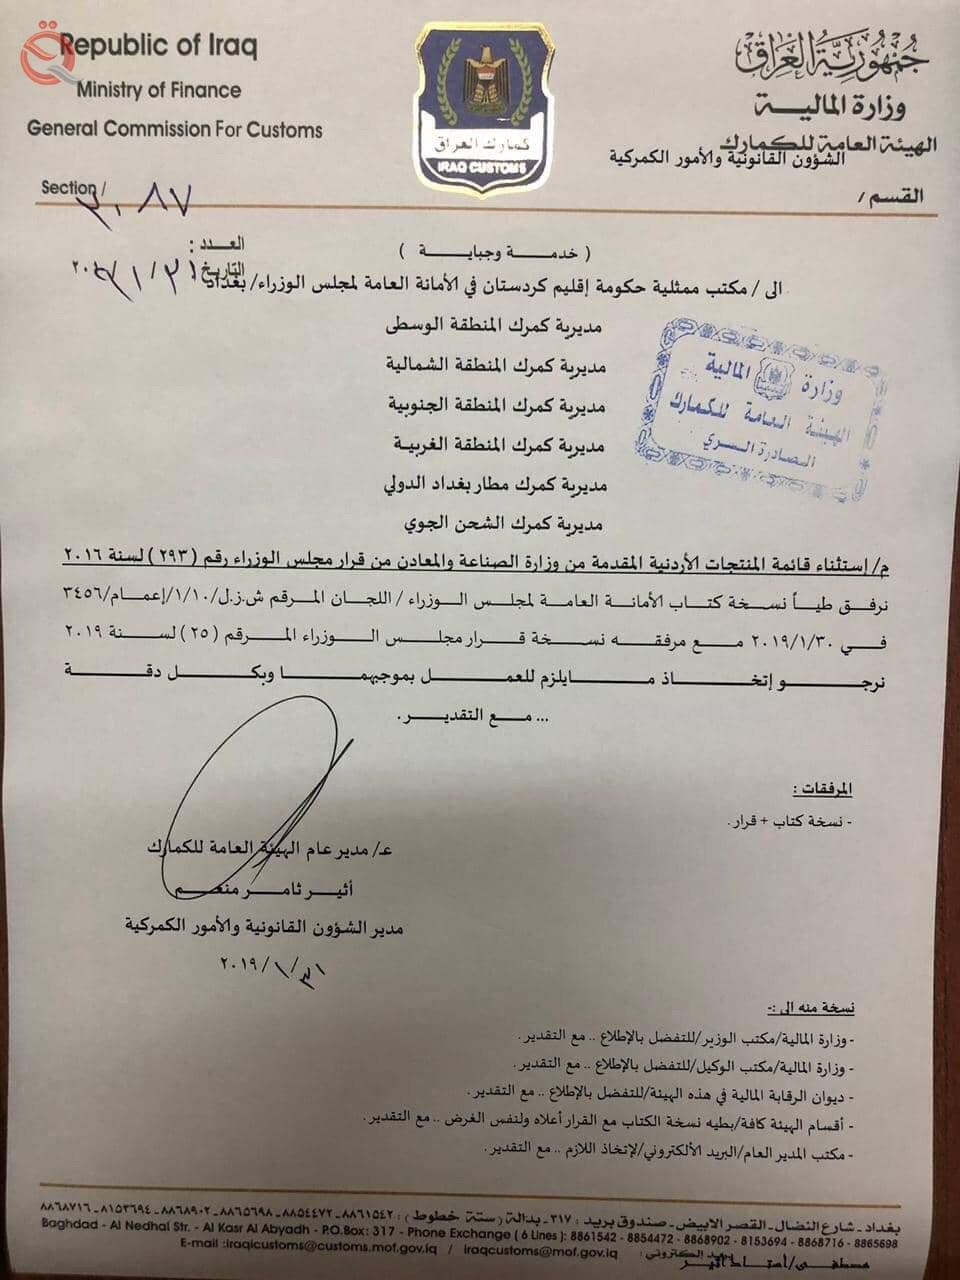 Iraq renews exemption of 371 Jordanian goods from customs duties 12740